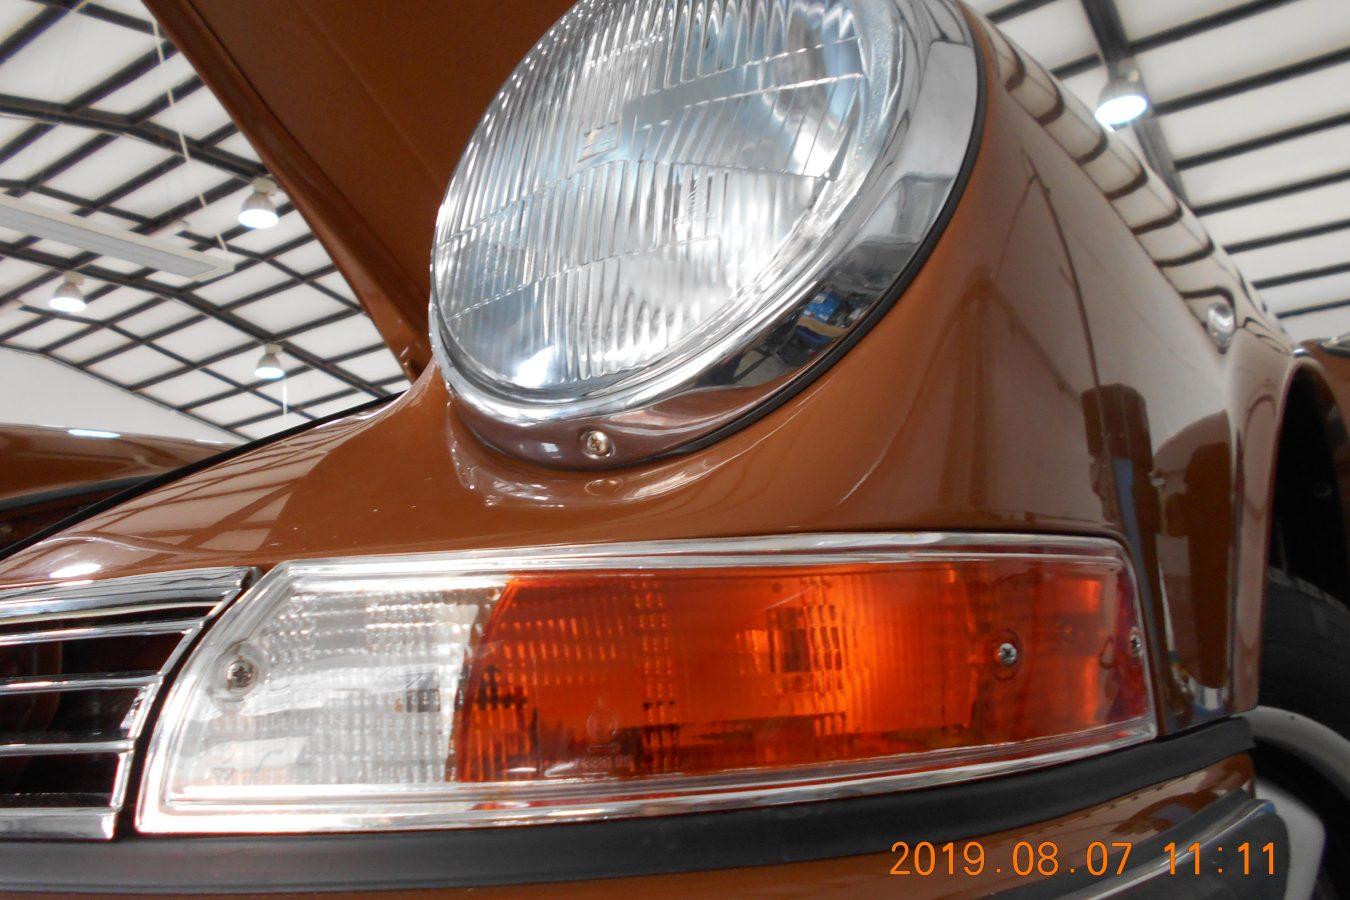 Sepiabraun 911 Targa aus 1969 49